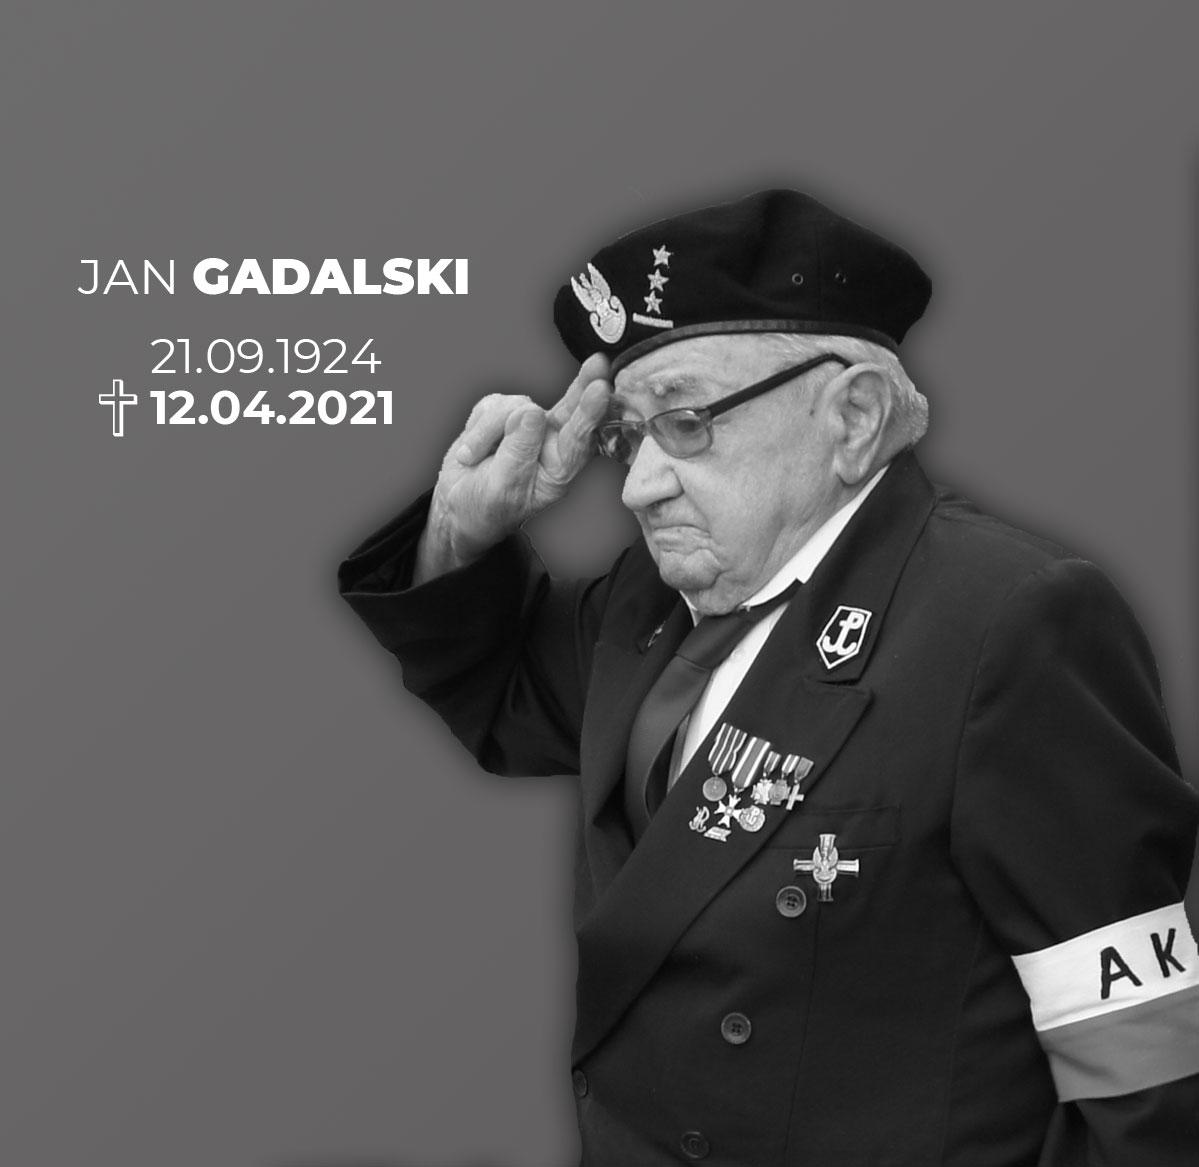 JAnGadalski